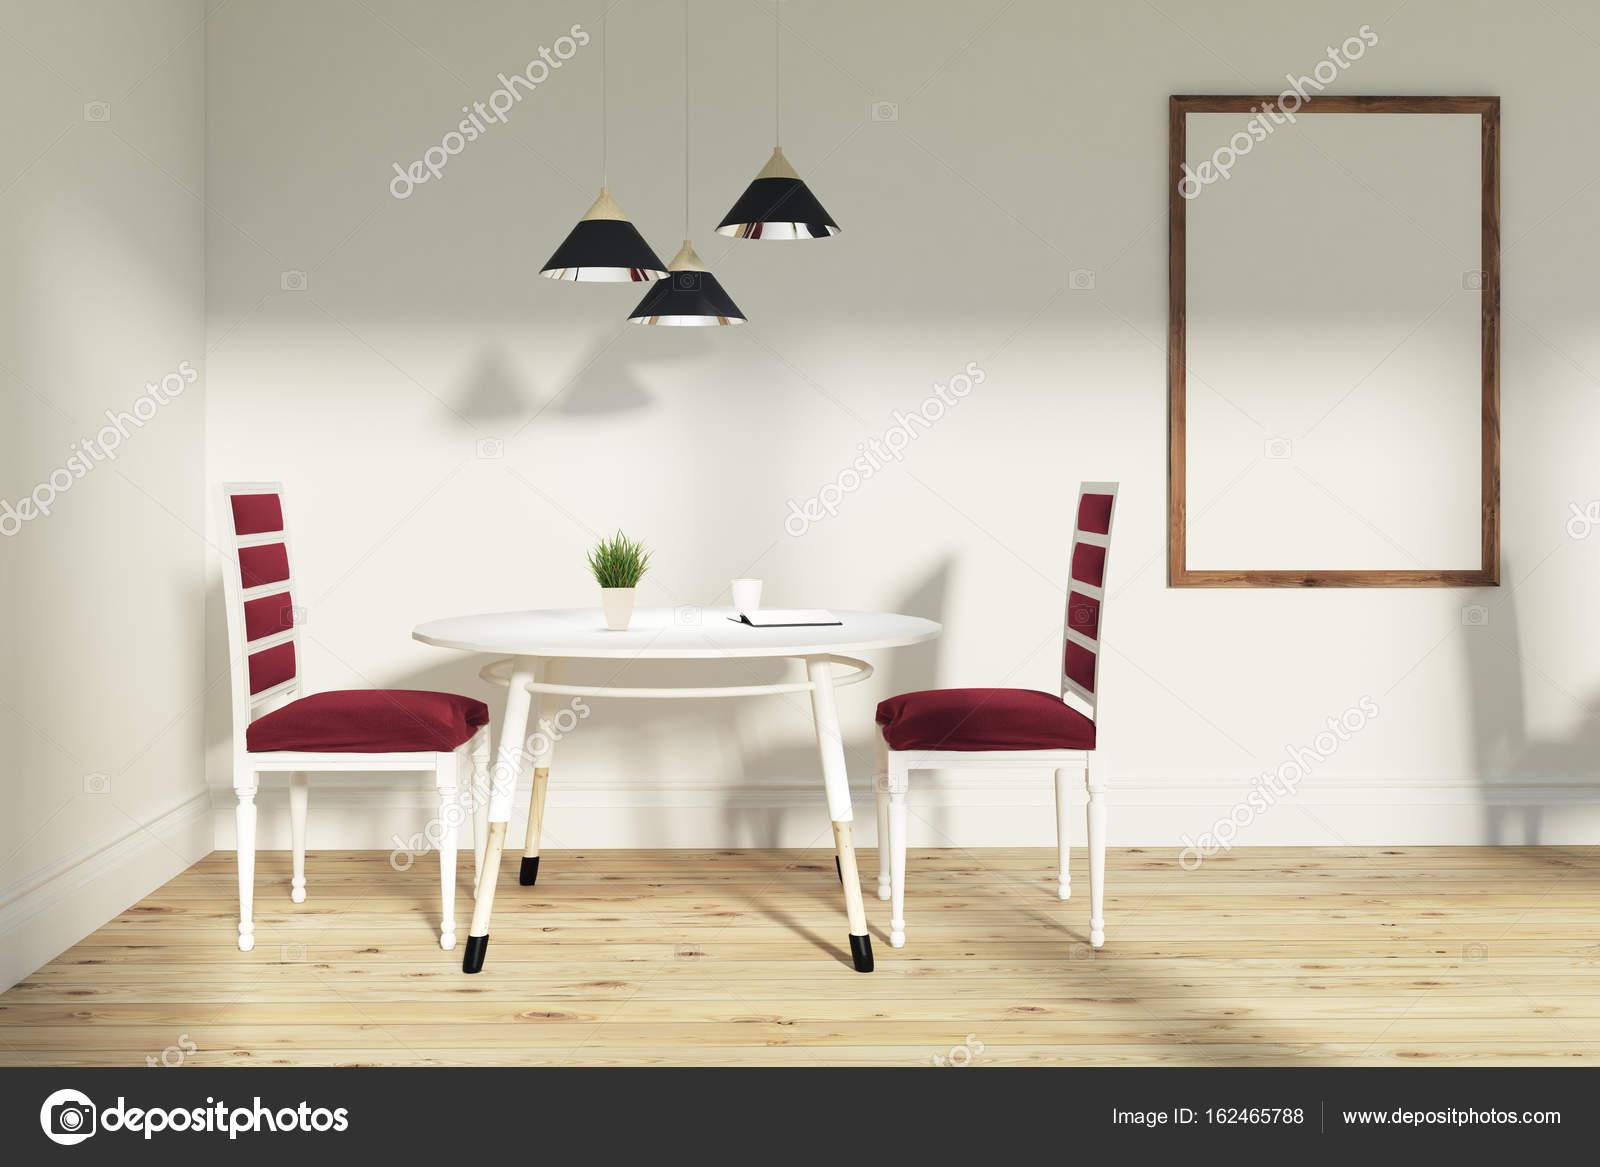 Rode stoelen eetkamer, poster — Stockfoto © denisismagilov #162465788